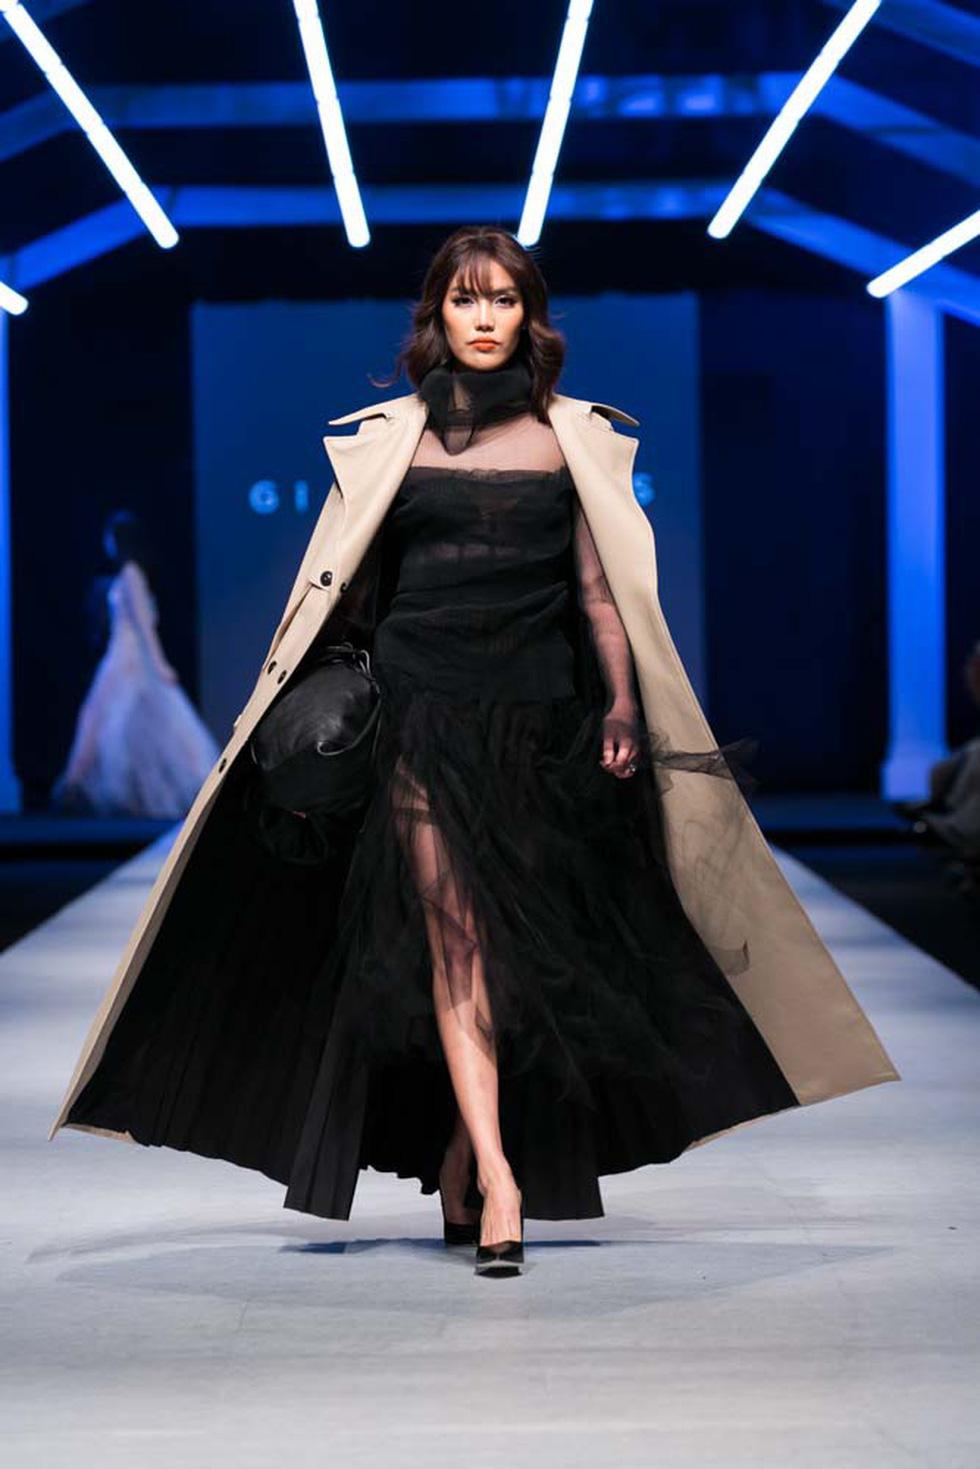 Lan Khuê, Lệ Nam mở màn Tuần lễ thời trang quốc tế Việt Nam - Ảnh 1.